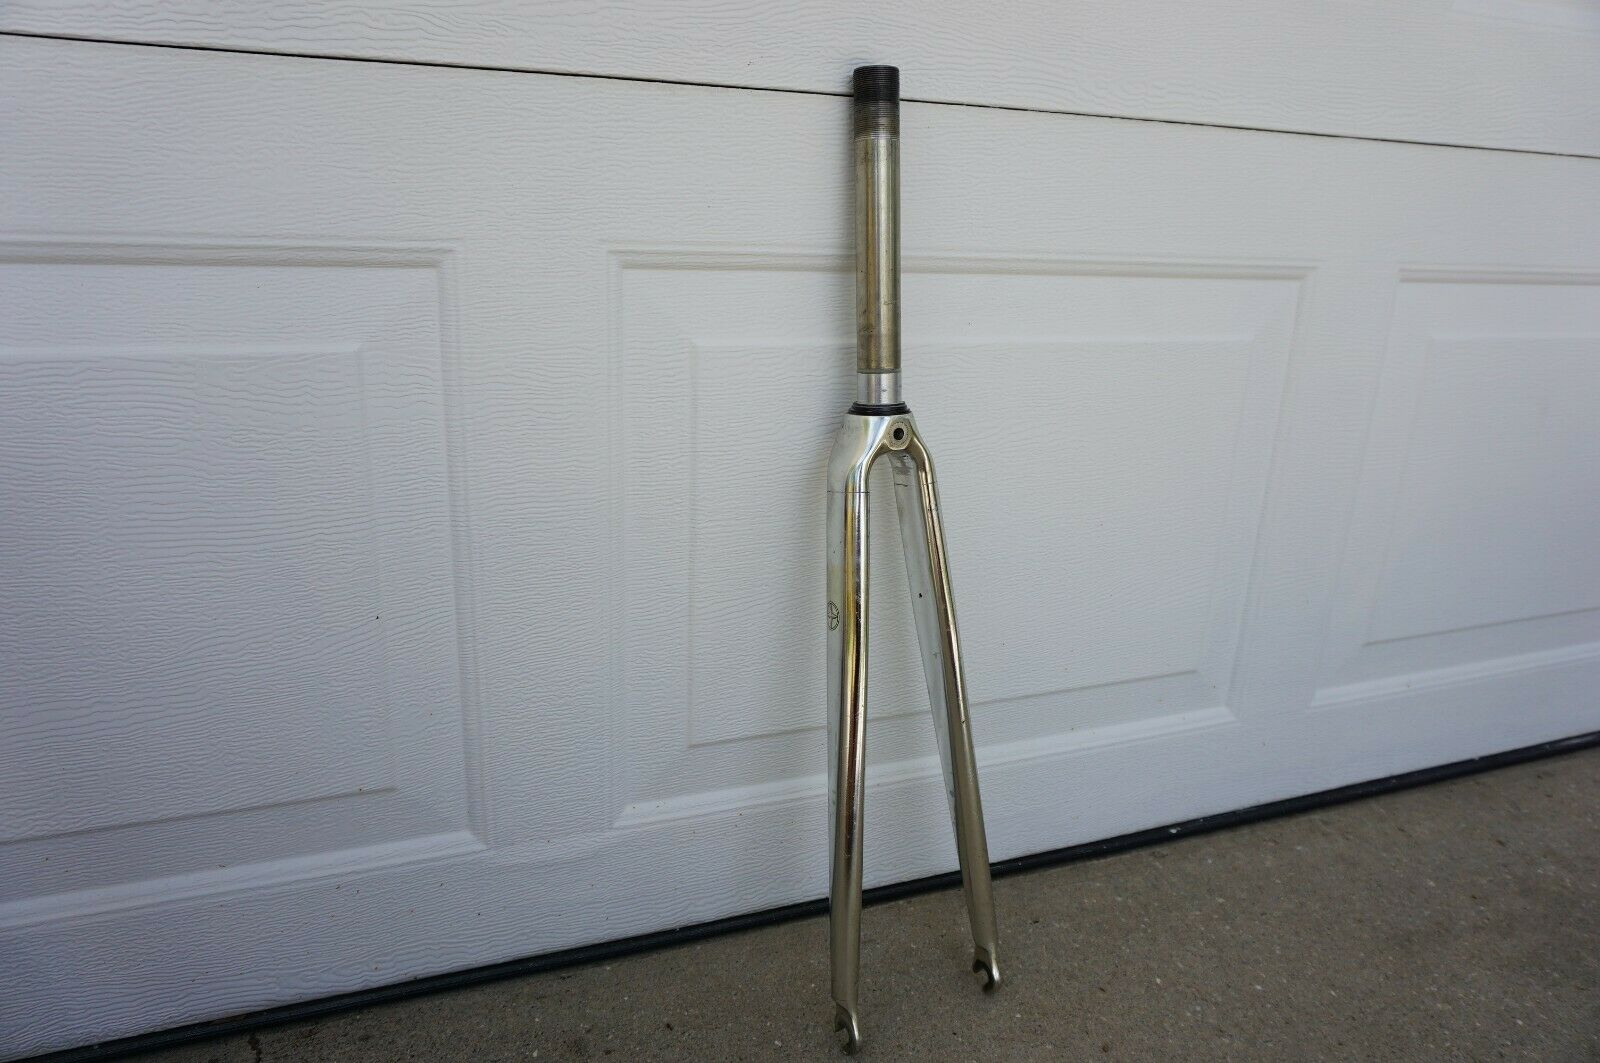 1 Threaded Schwinn Road Bike Fork, Aluminum - $36.00